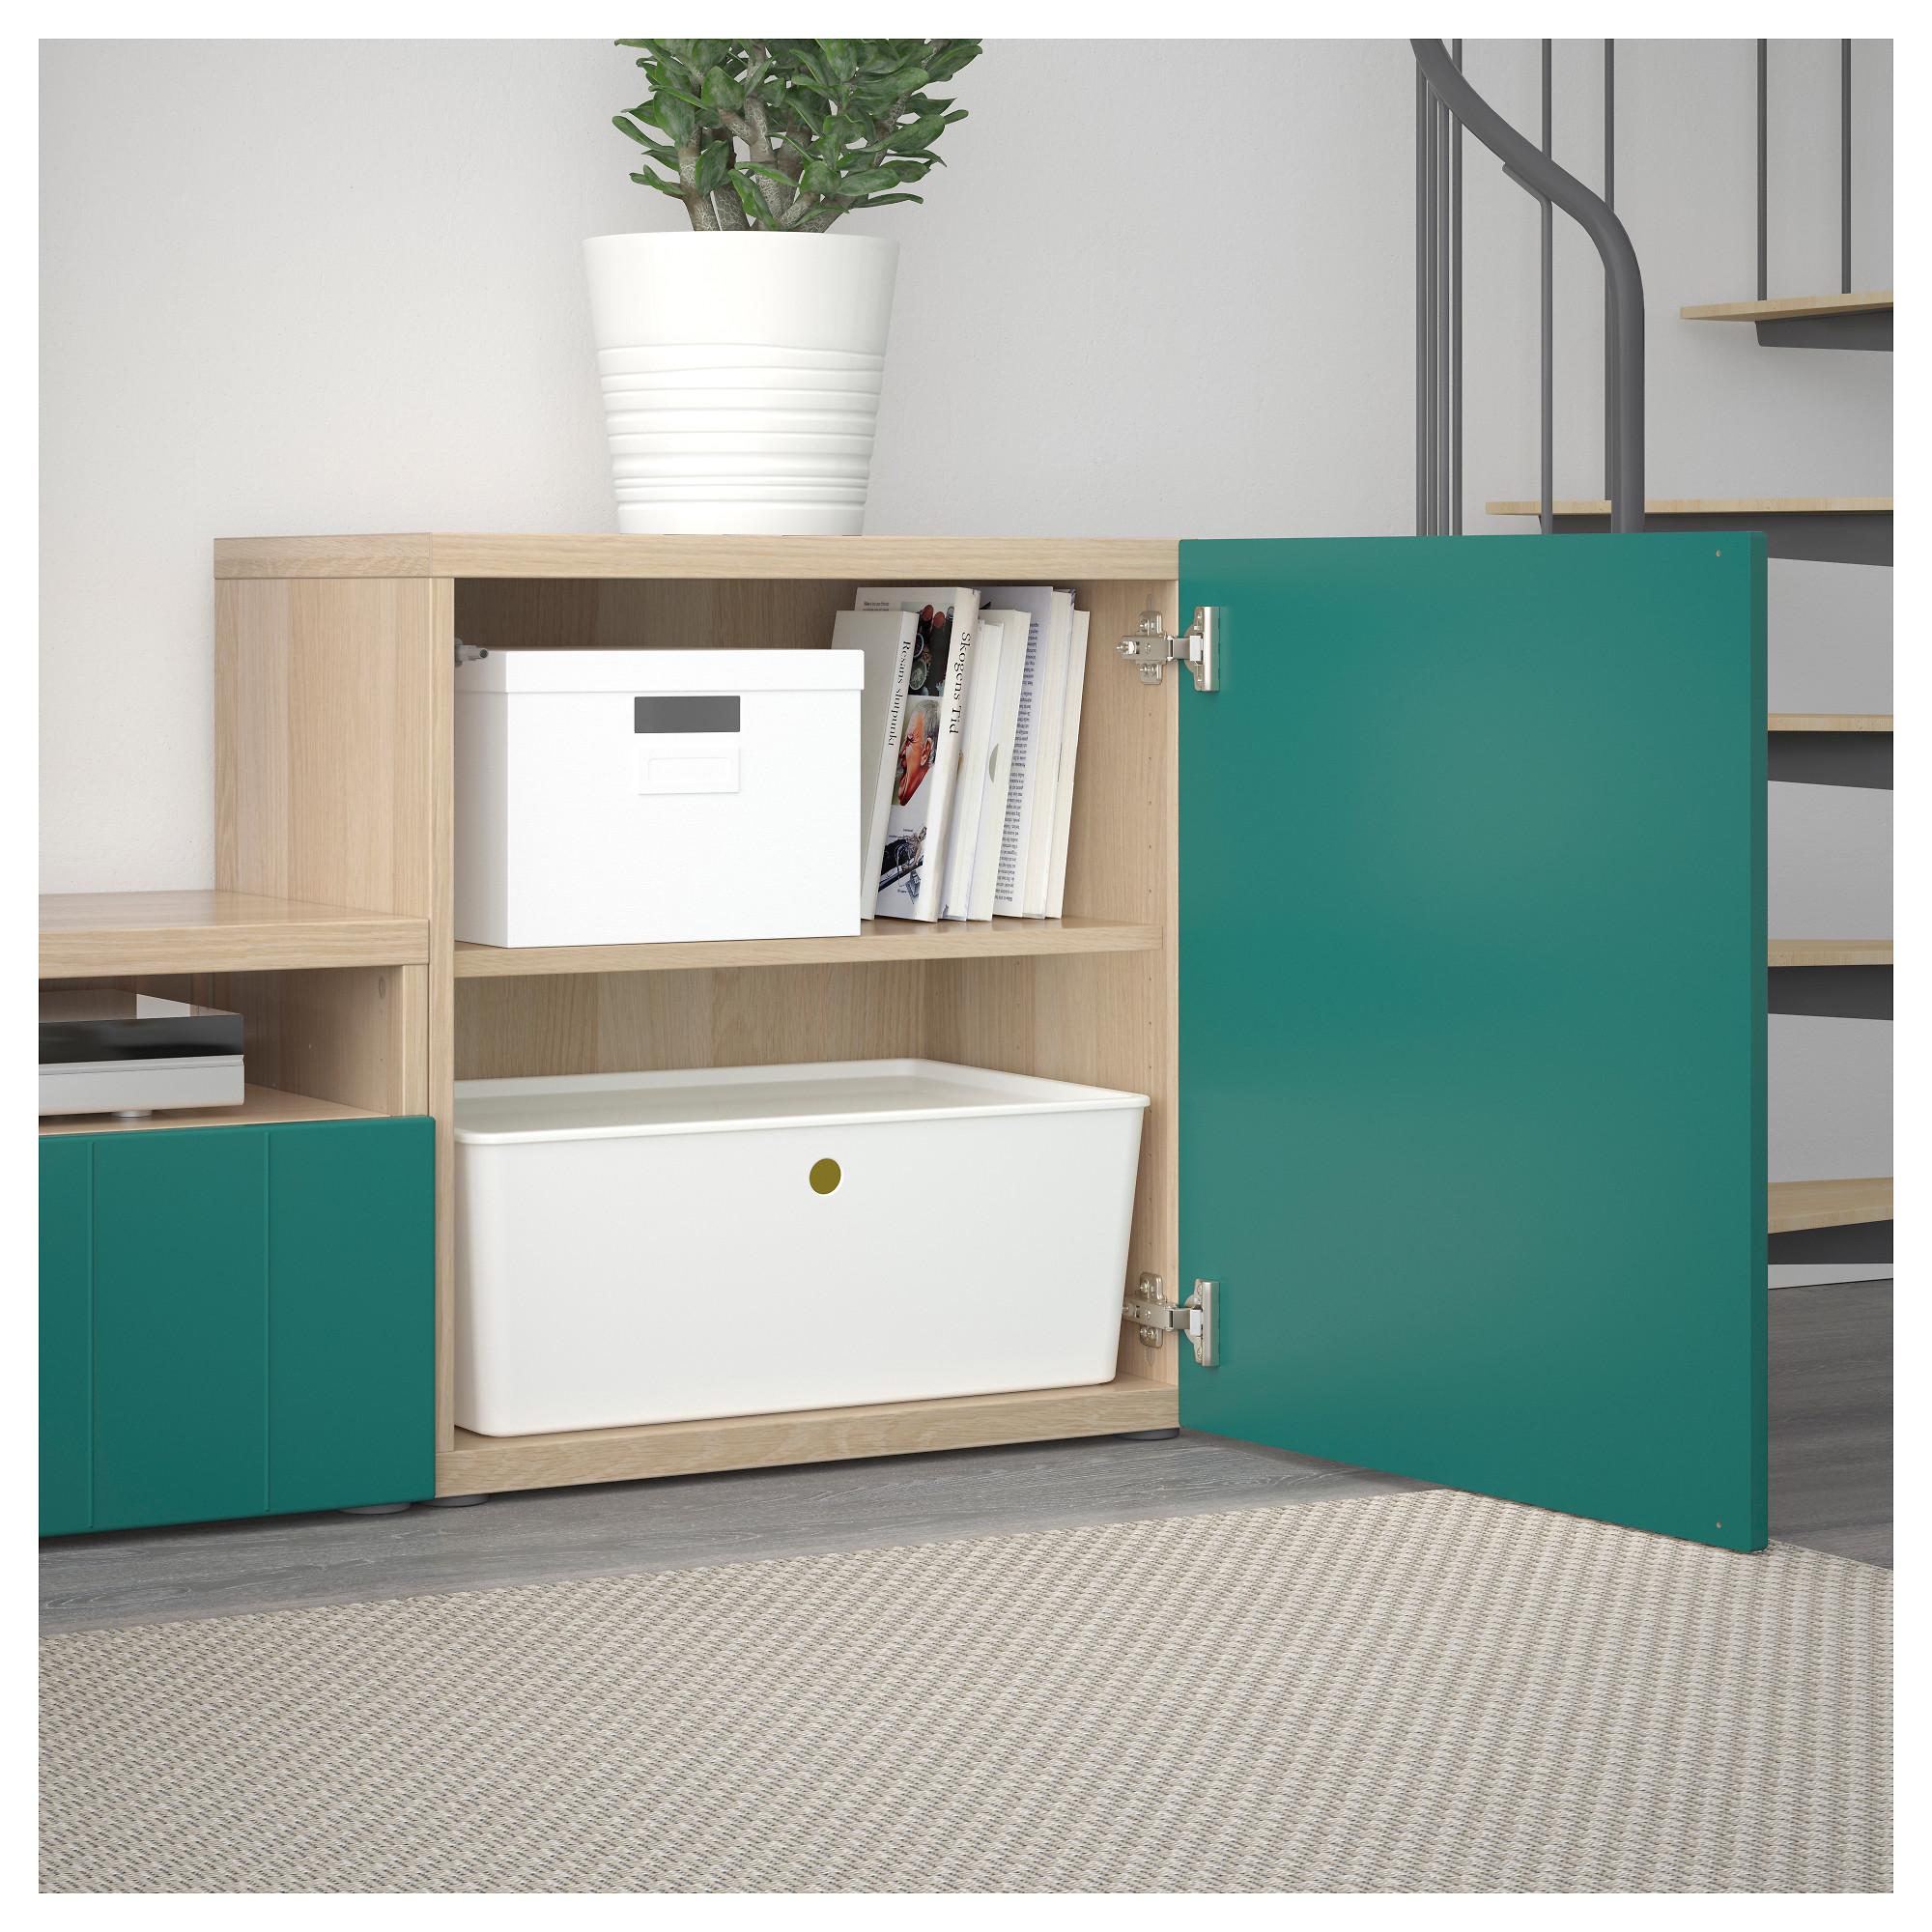 Шкаф для ТВ, комбинированный, стекляные дверцы БЕСТО сине-зеленый артикуль № 692.761.38 в наличии. Интернет магазин IKEA Минск. Недорогая доставка и соборка.